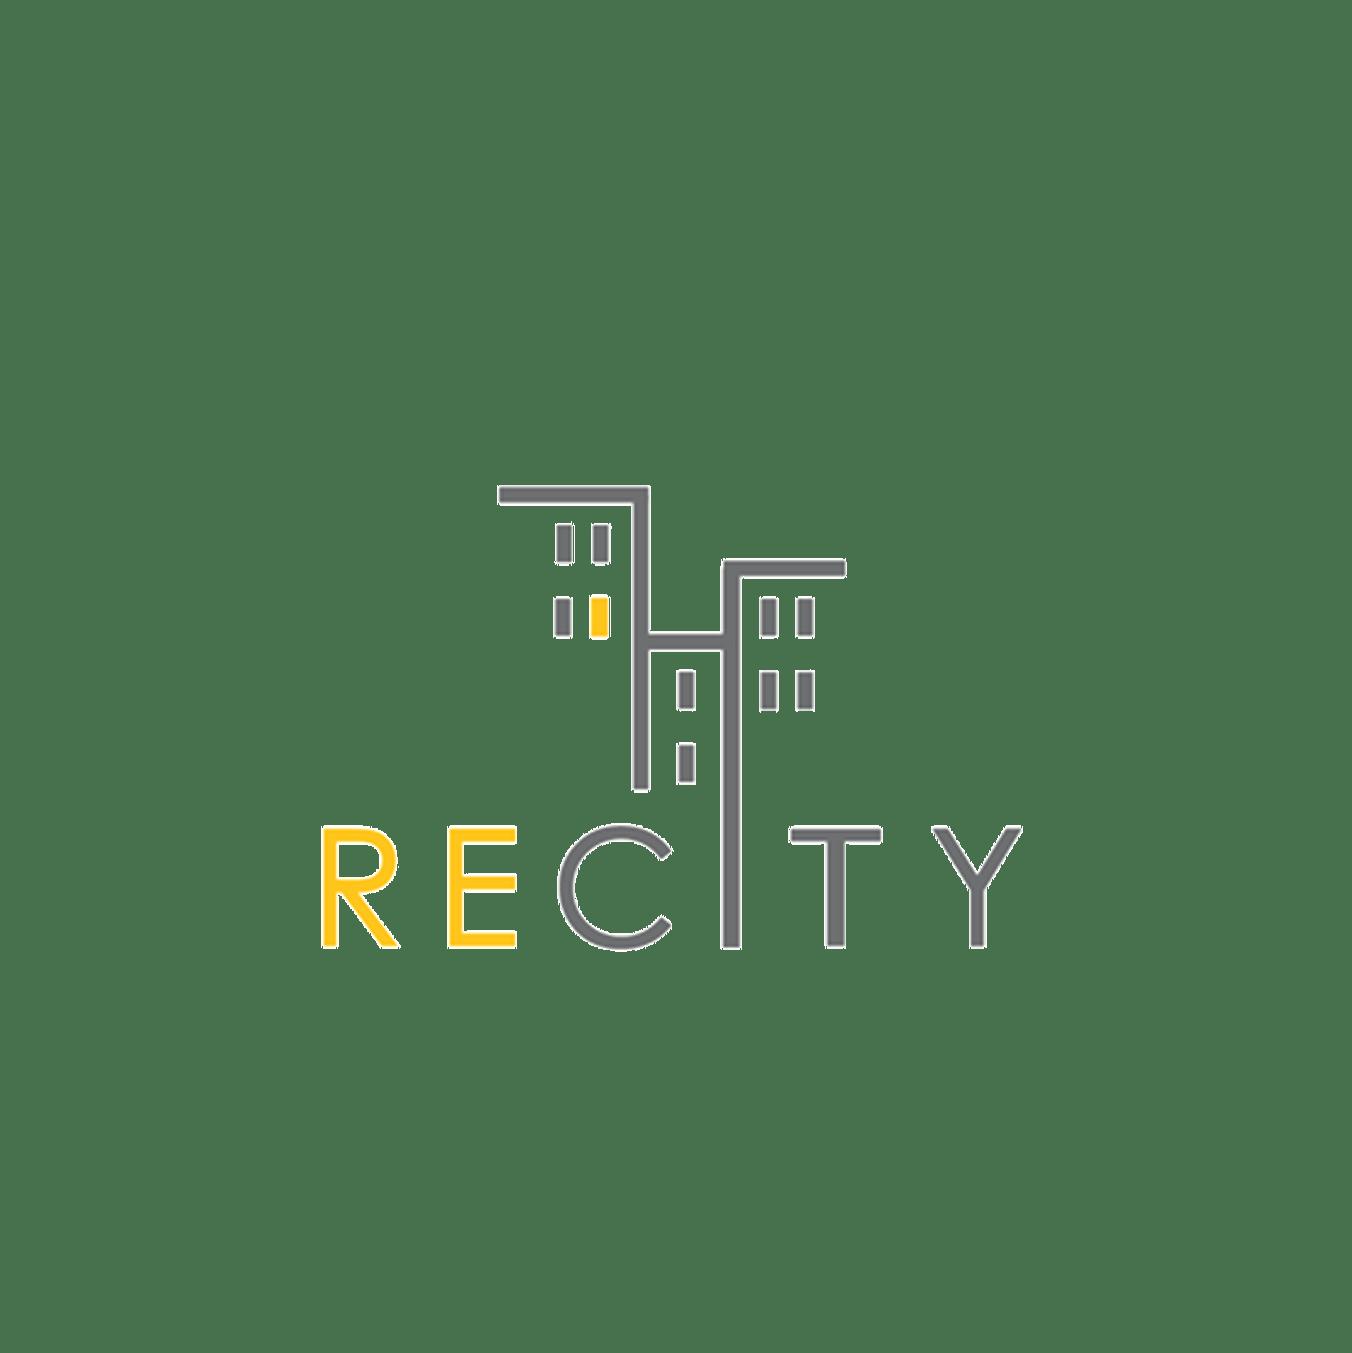 recity2.png